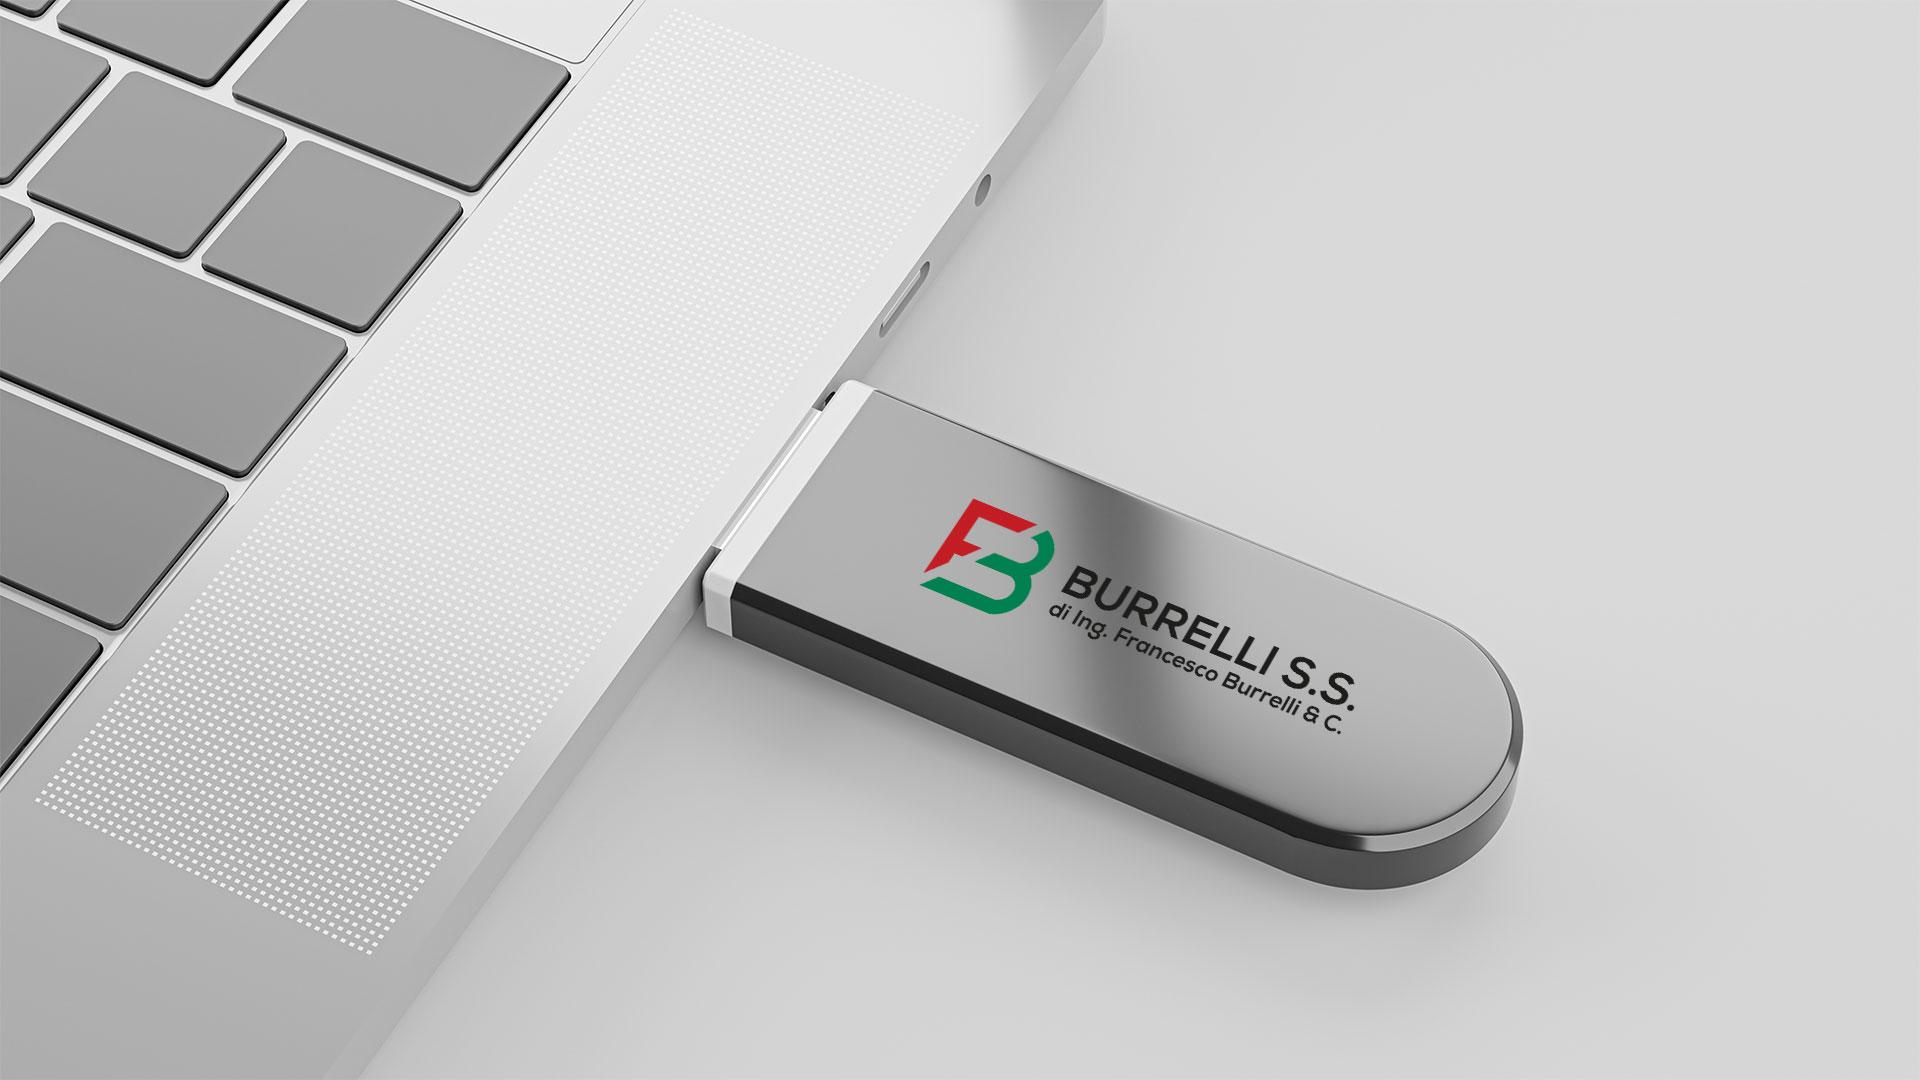 Chiavetta-USB-Burrelli